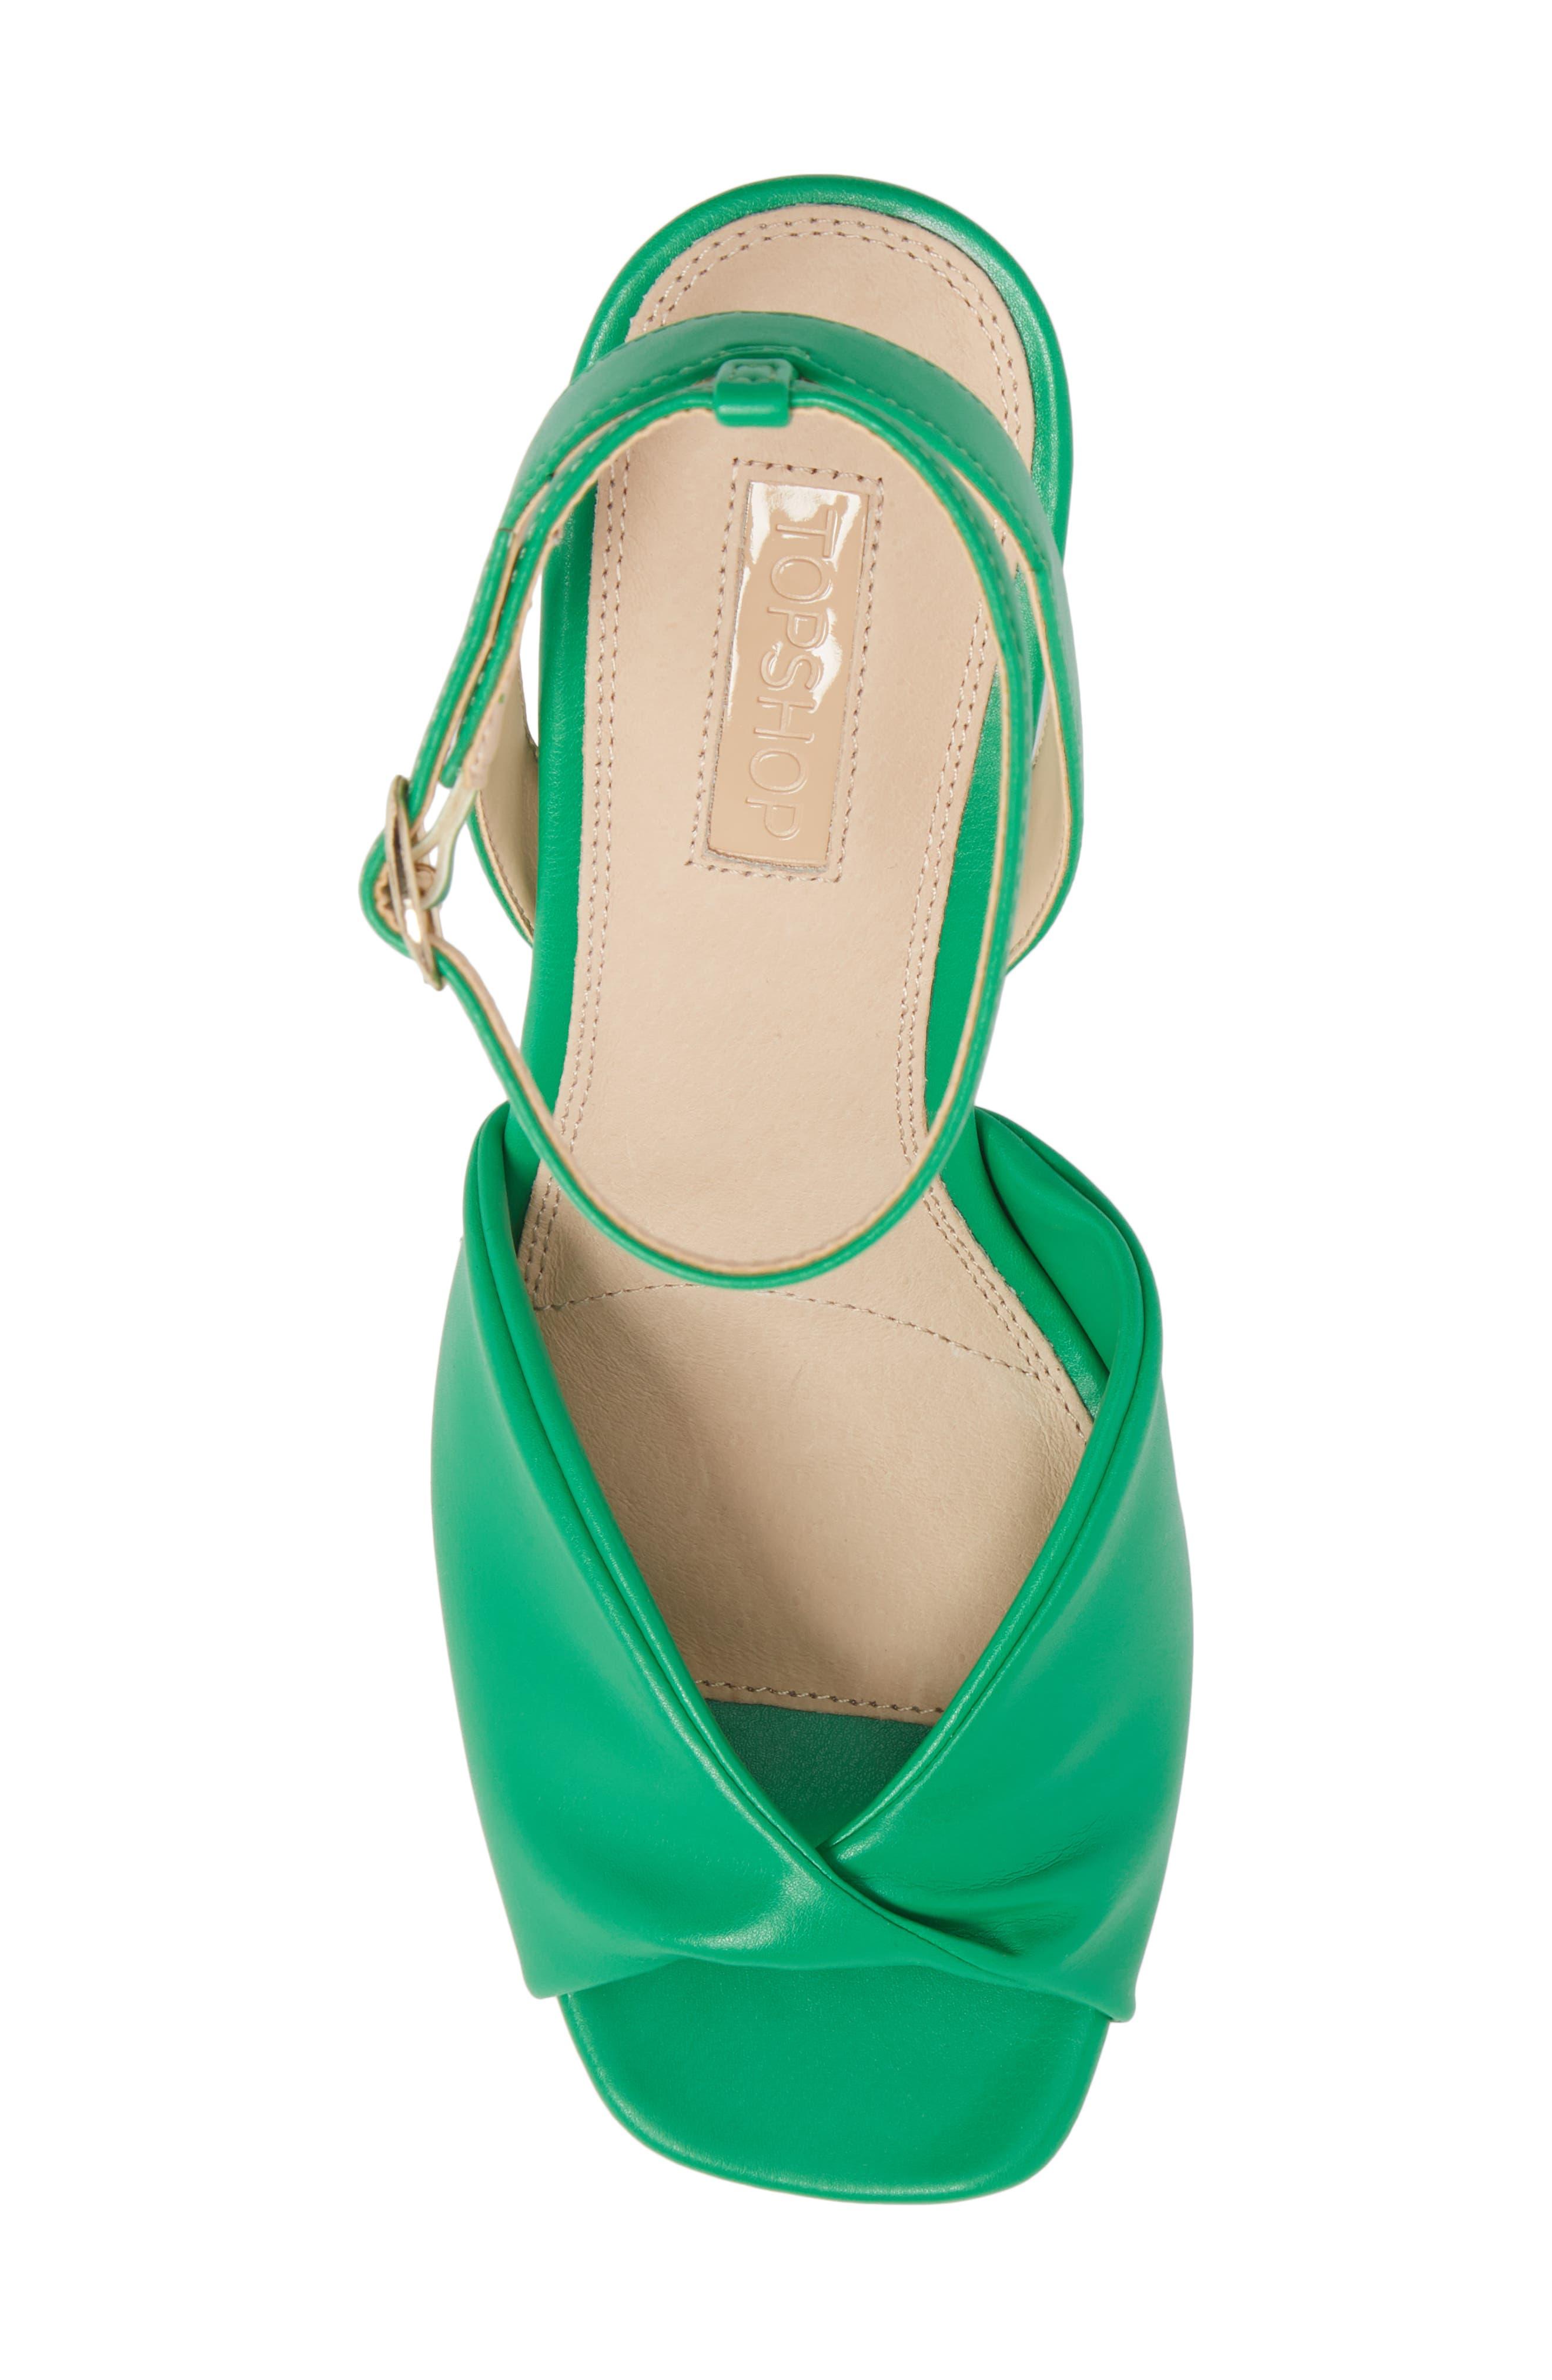 Raven Skinny Heel Sandal,                             Alternate thumbnail 5, color,                             Green